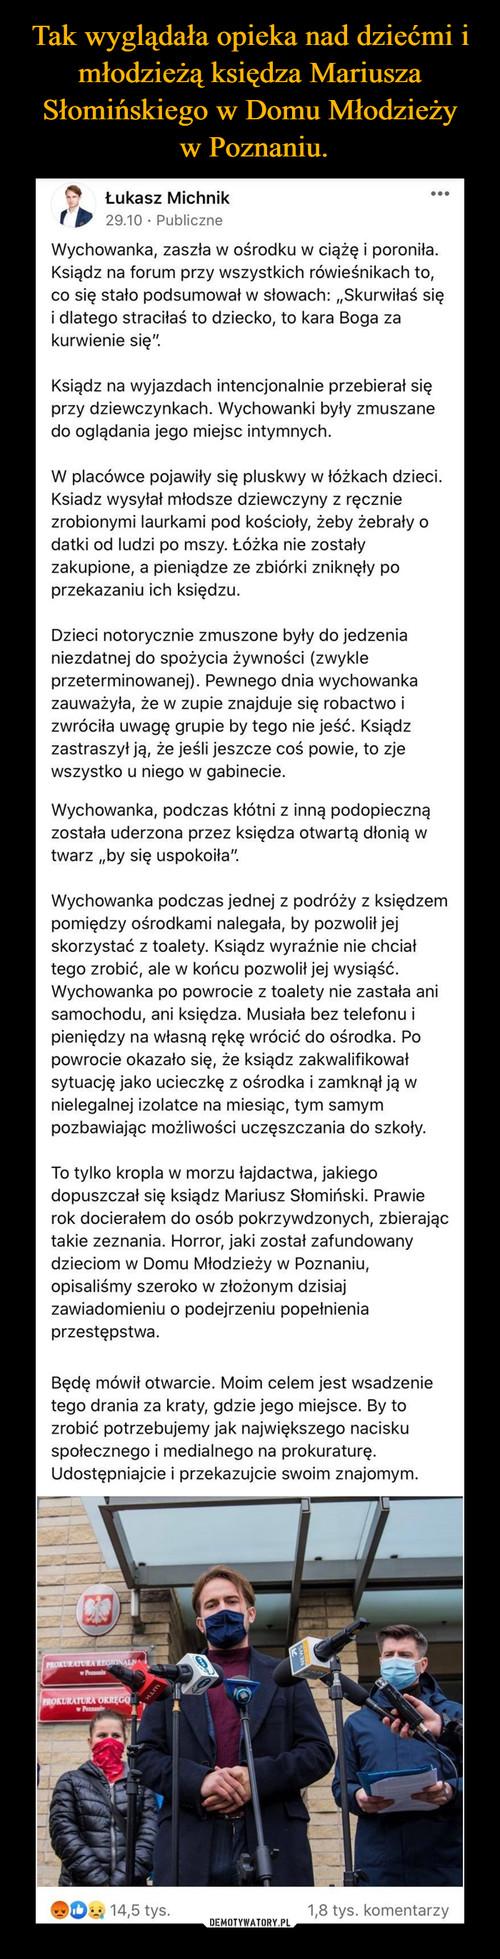 Tak wyglądała opieka nad dziećmi i młodzieżą księdza Mariusza Słomińskiego w Domu Młodzieży  w Poznaniu.